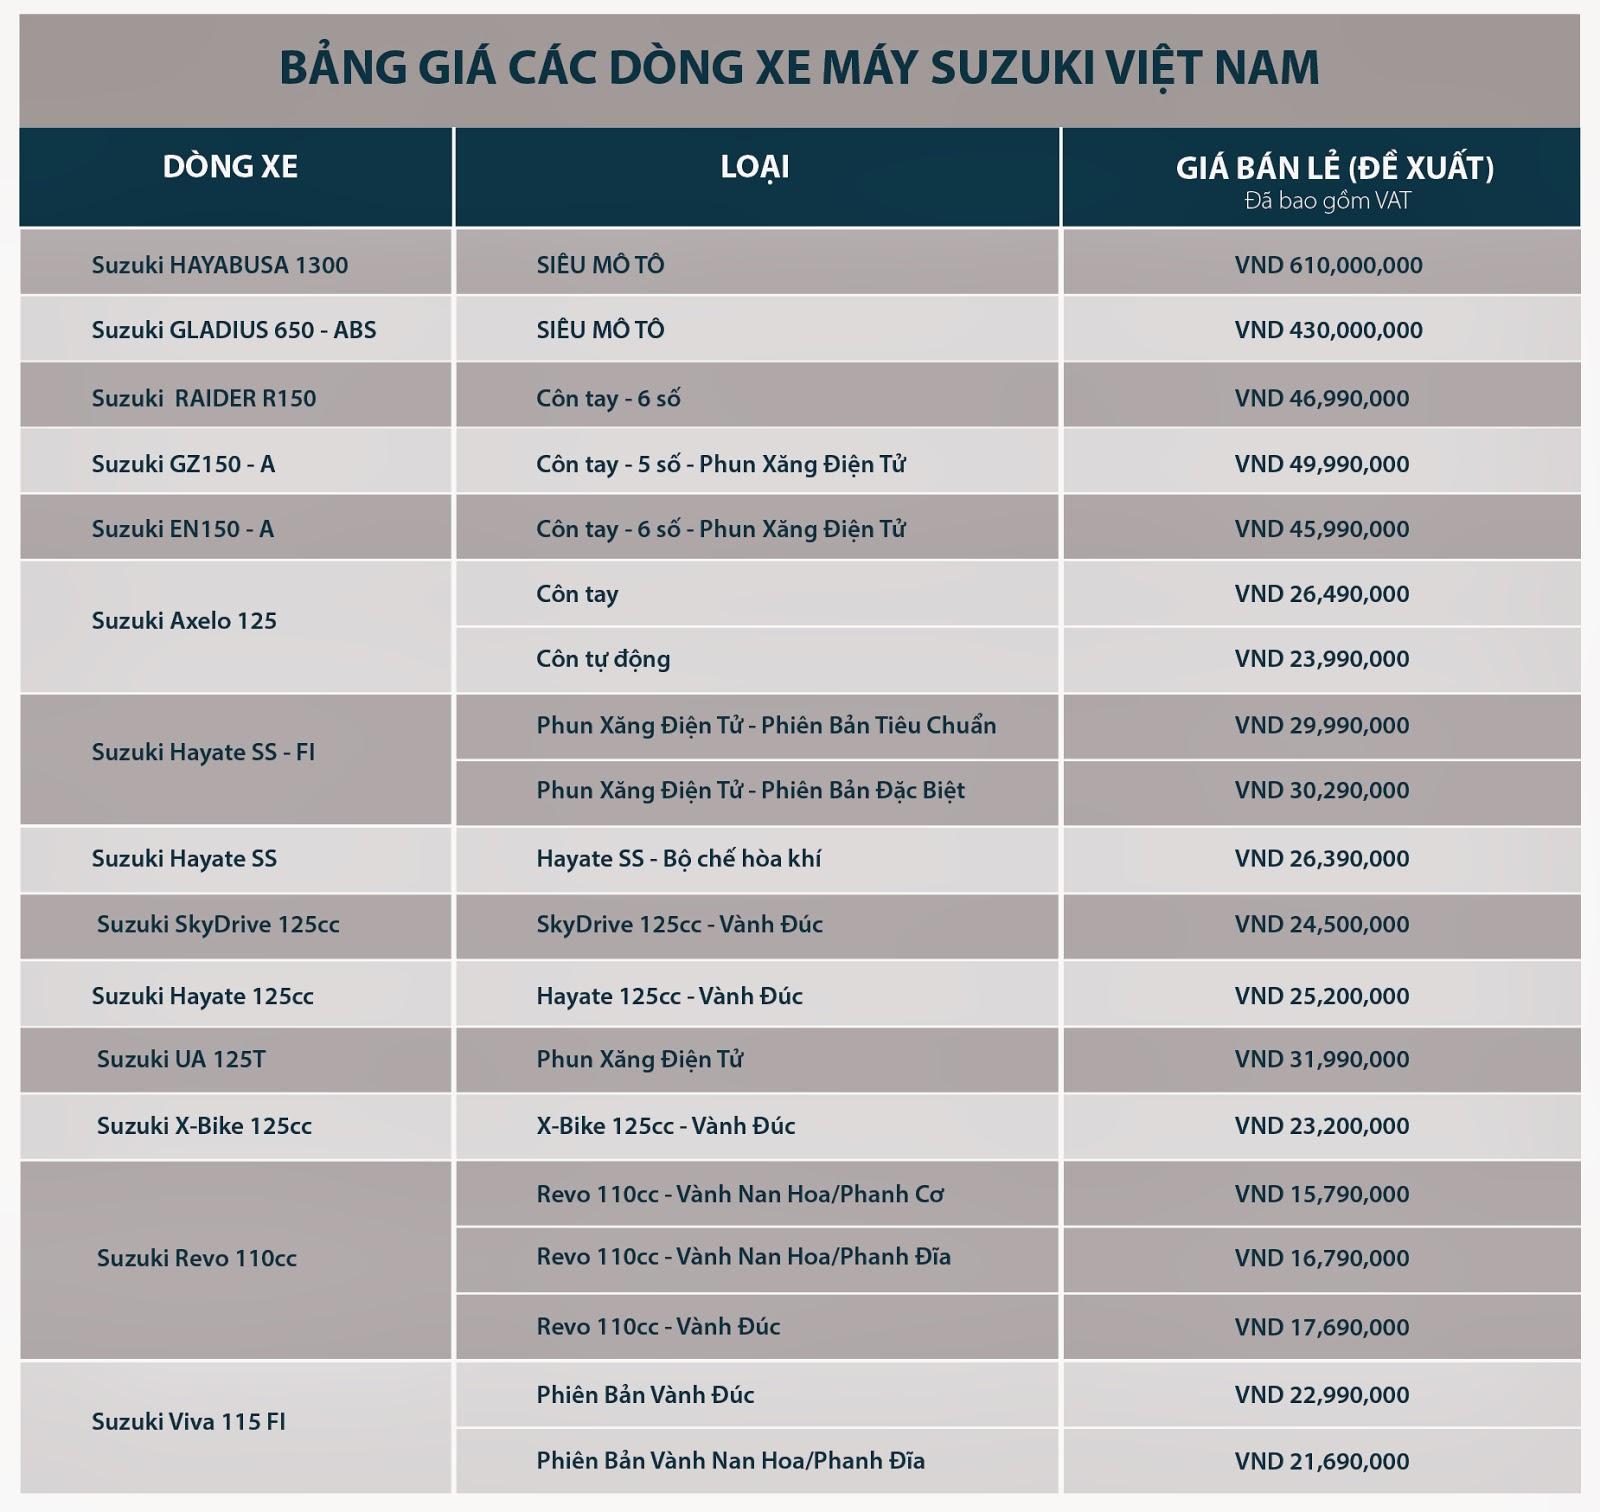 Bảng giá xe máy Suzuki 2014 cập nhật mới nhất